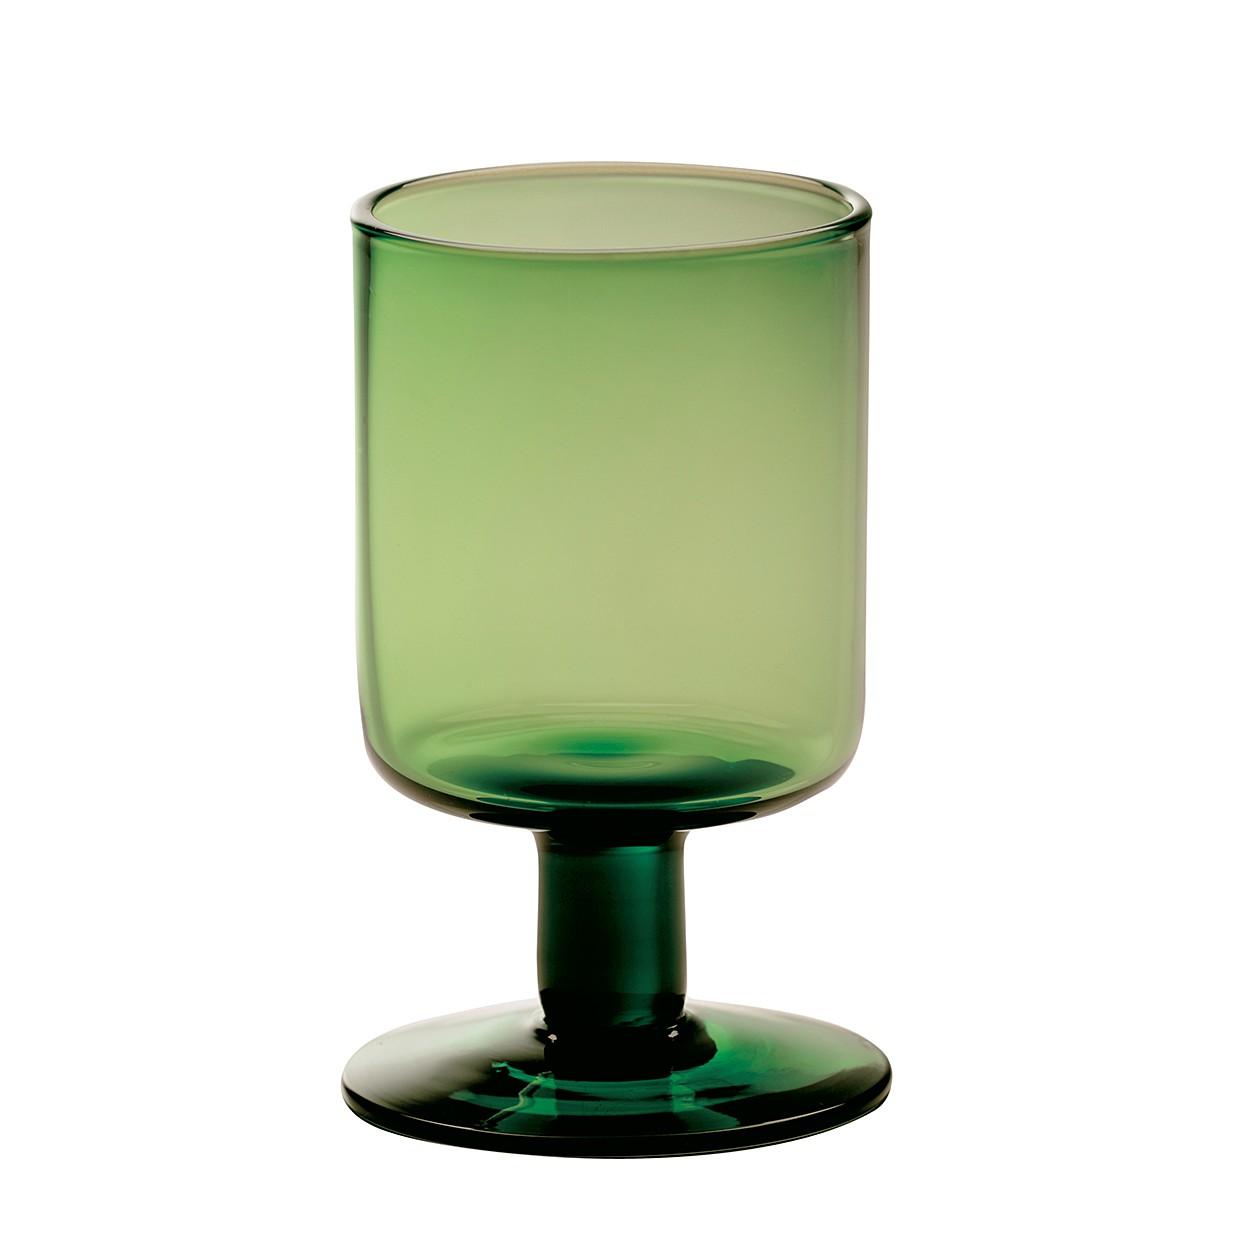 Weinglas Bloom (6er-Set) – Glas – Grün, BITOSSI HOME günstig kaufen